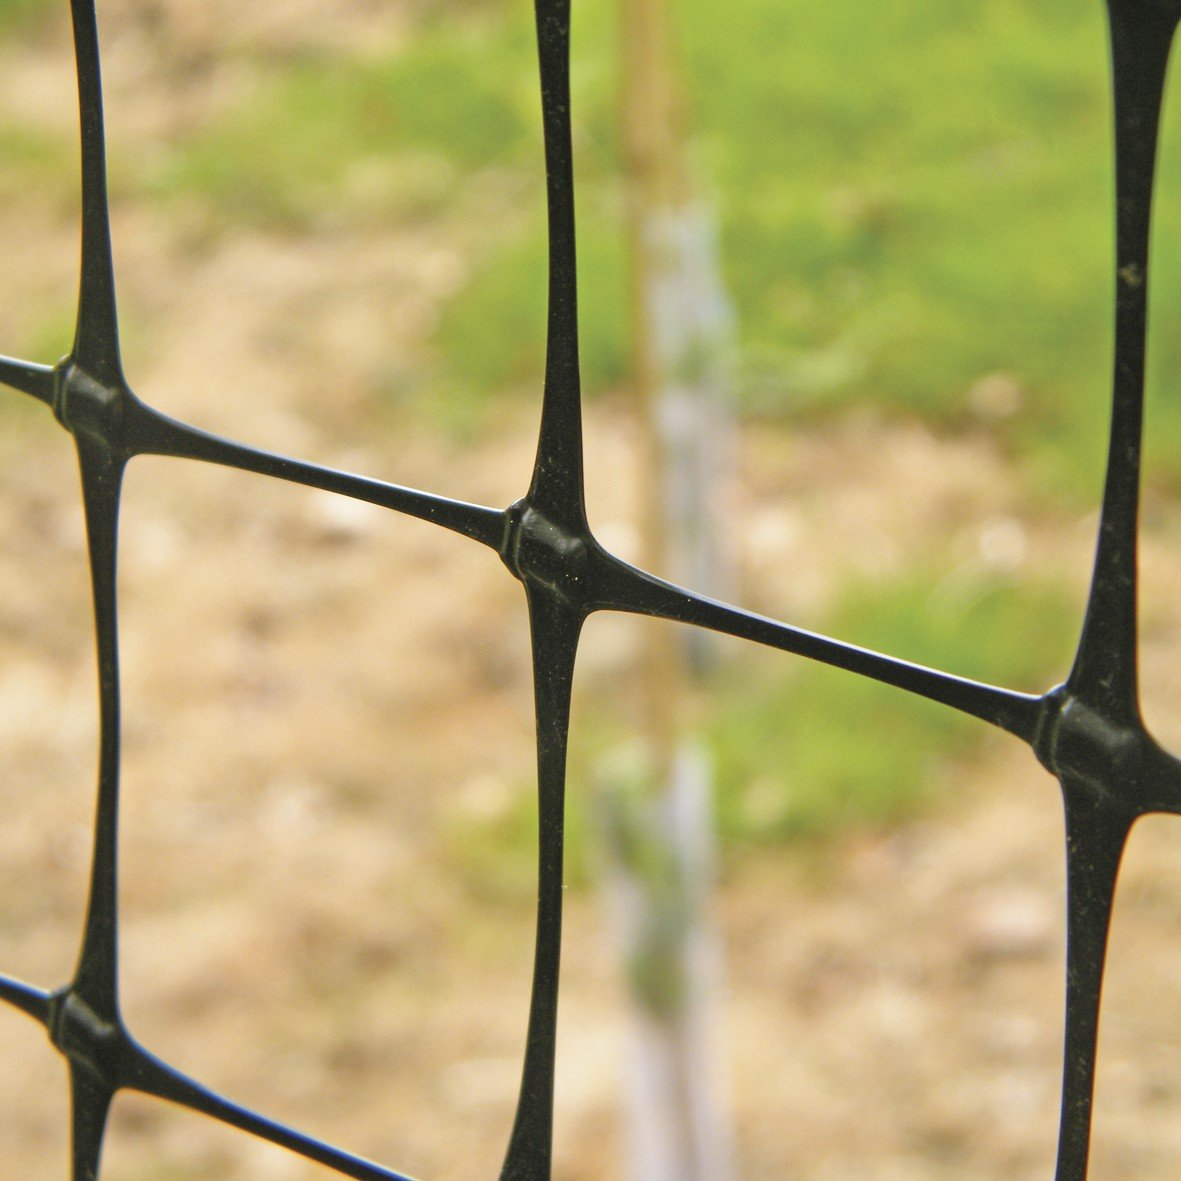 Gartennetz Mehrzwecknetz Geflügelzaun, 50 x 50mm, 1 x 100m, schwarz